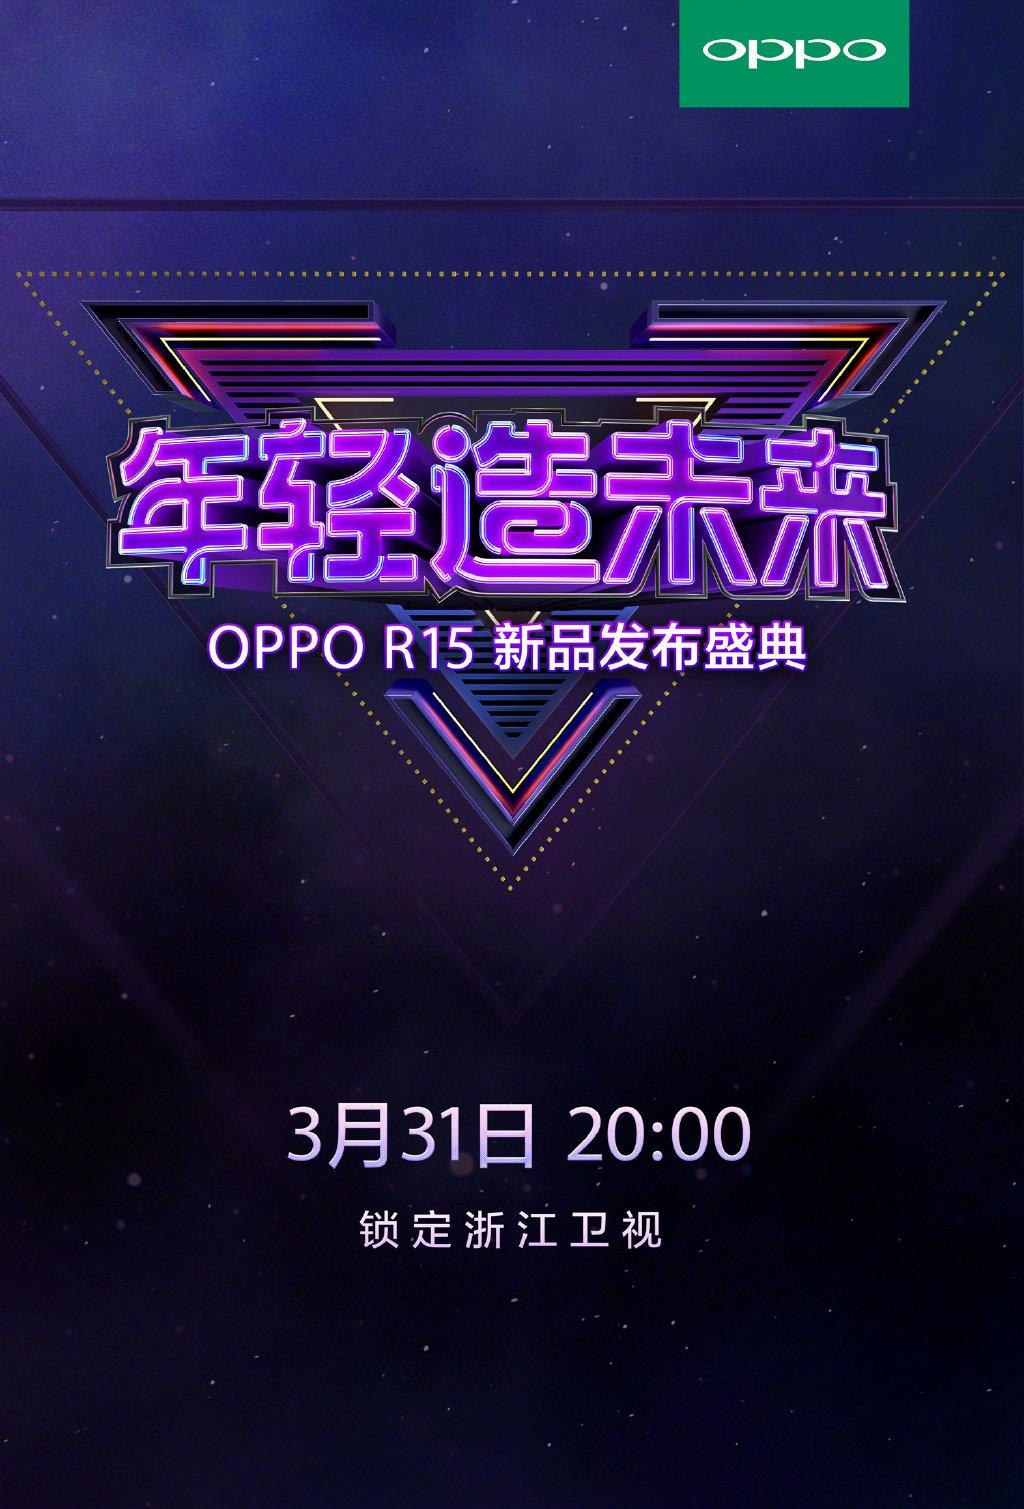 Плакат запуска OPPO R15